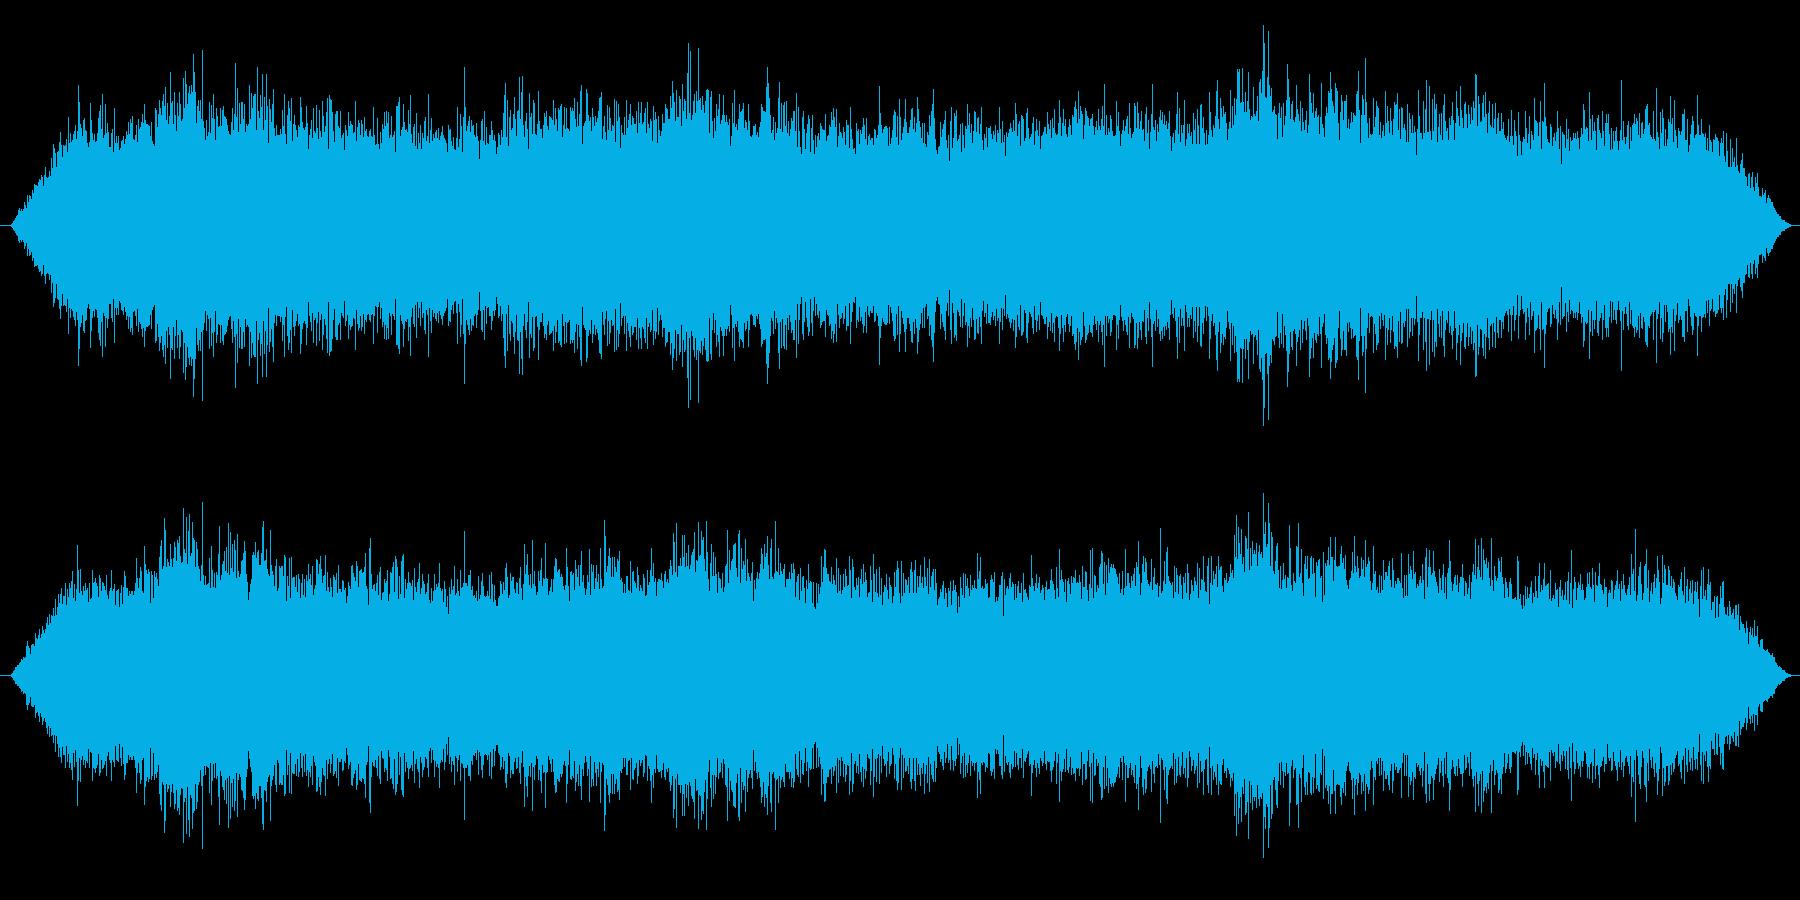 台風 嵐の再生済みの波形